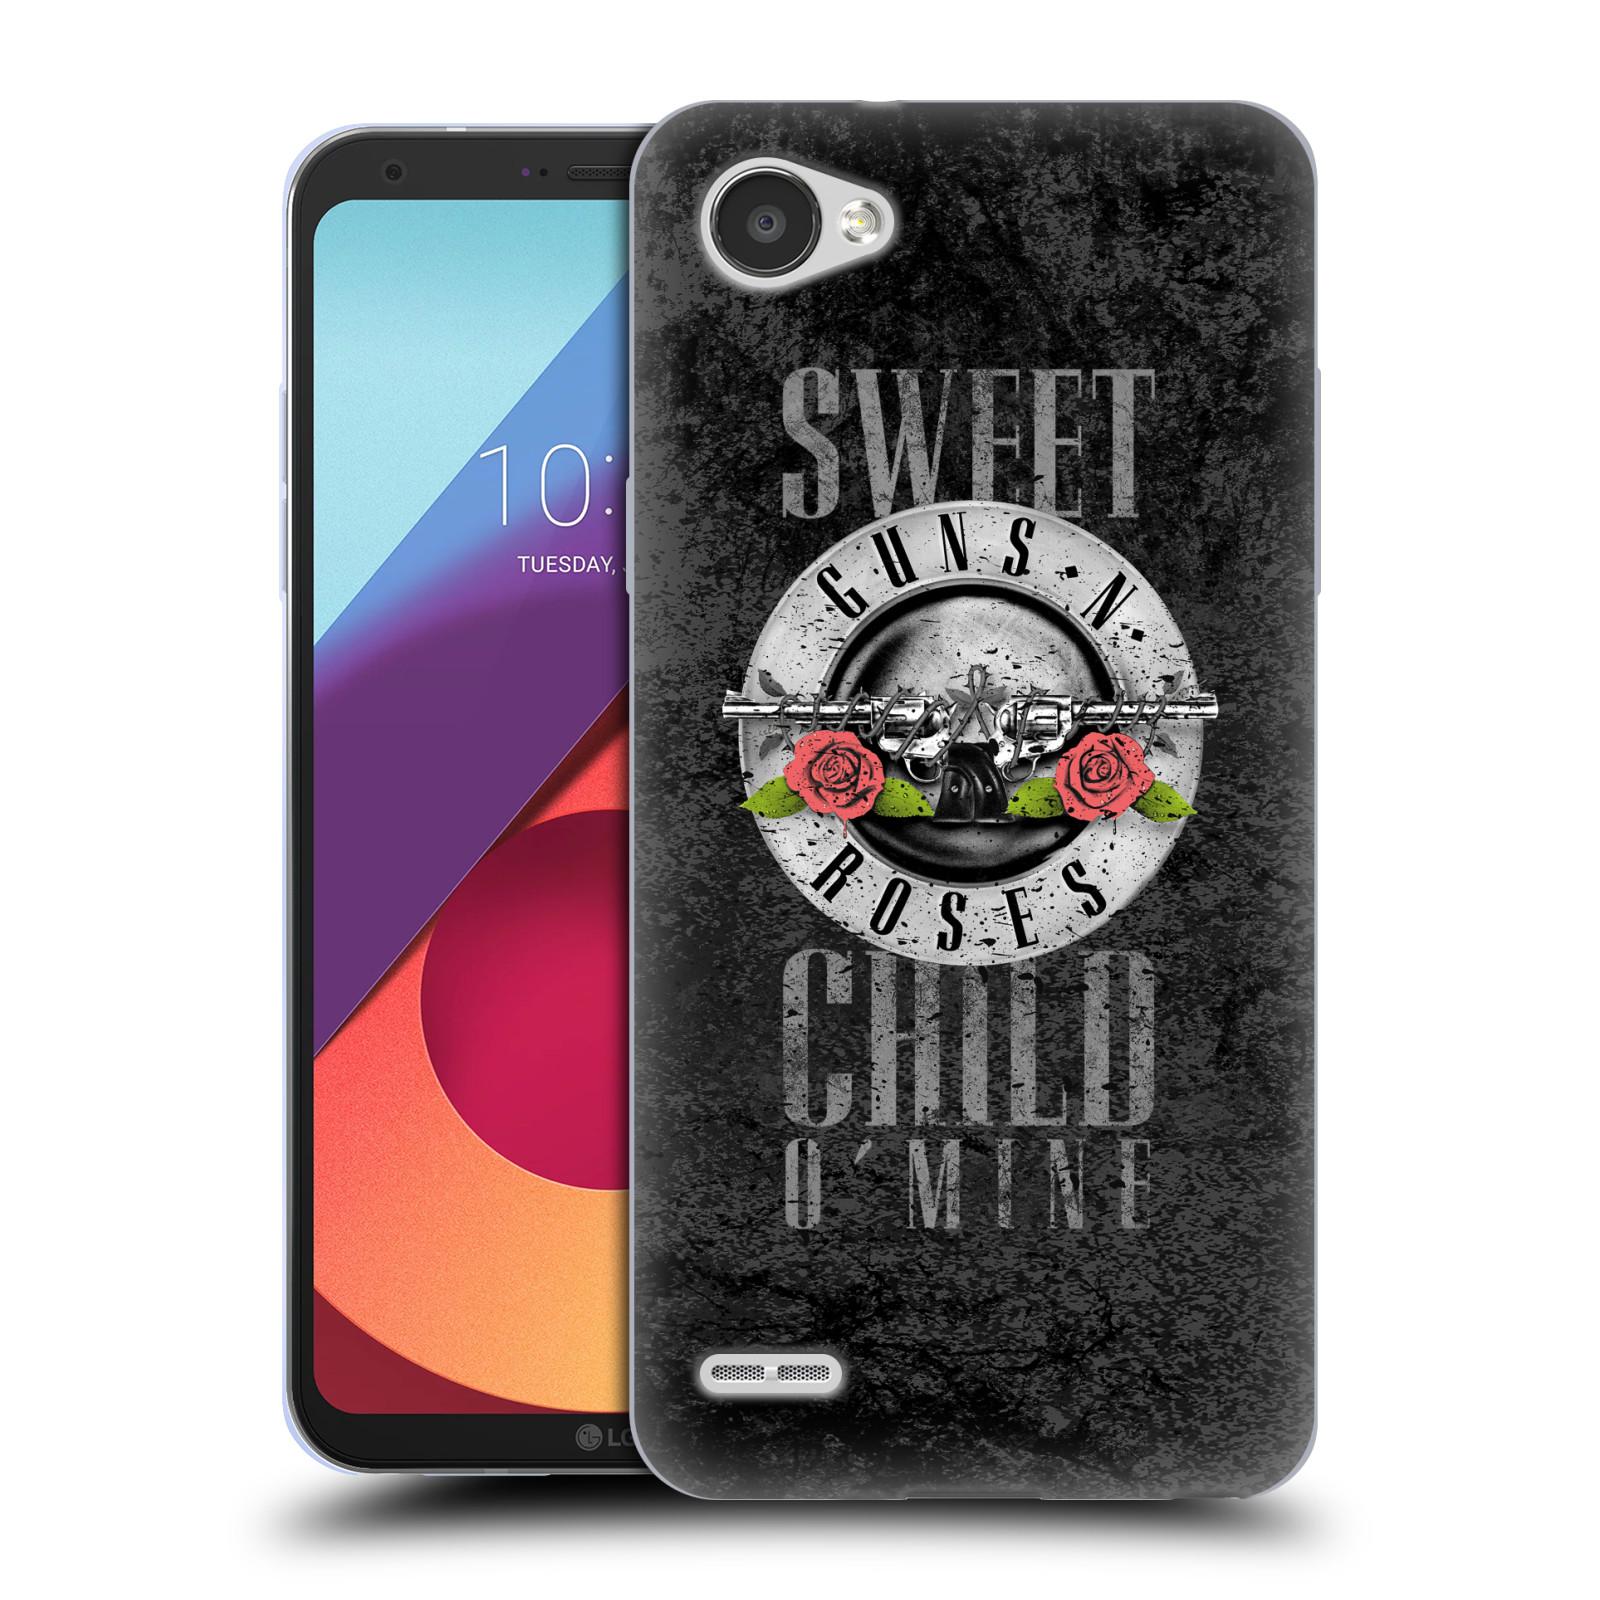 Silikonové pouzdro na mobil LG Q6 - Head Case - Guns N' Roses - Sweet Child